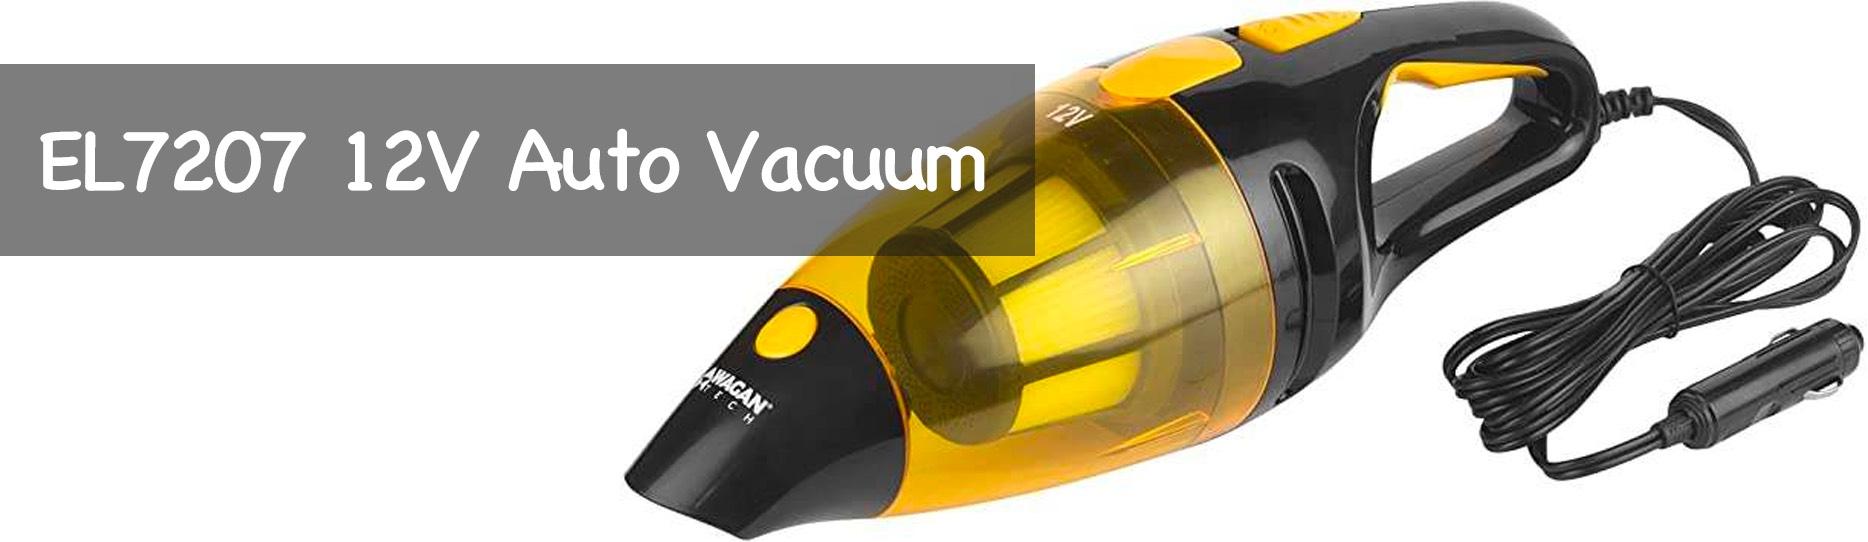 EL7207 12V Auto Vacuum